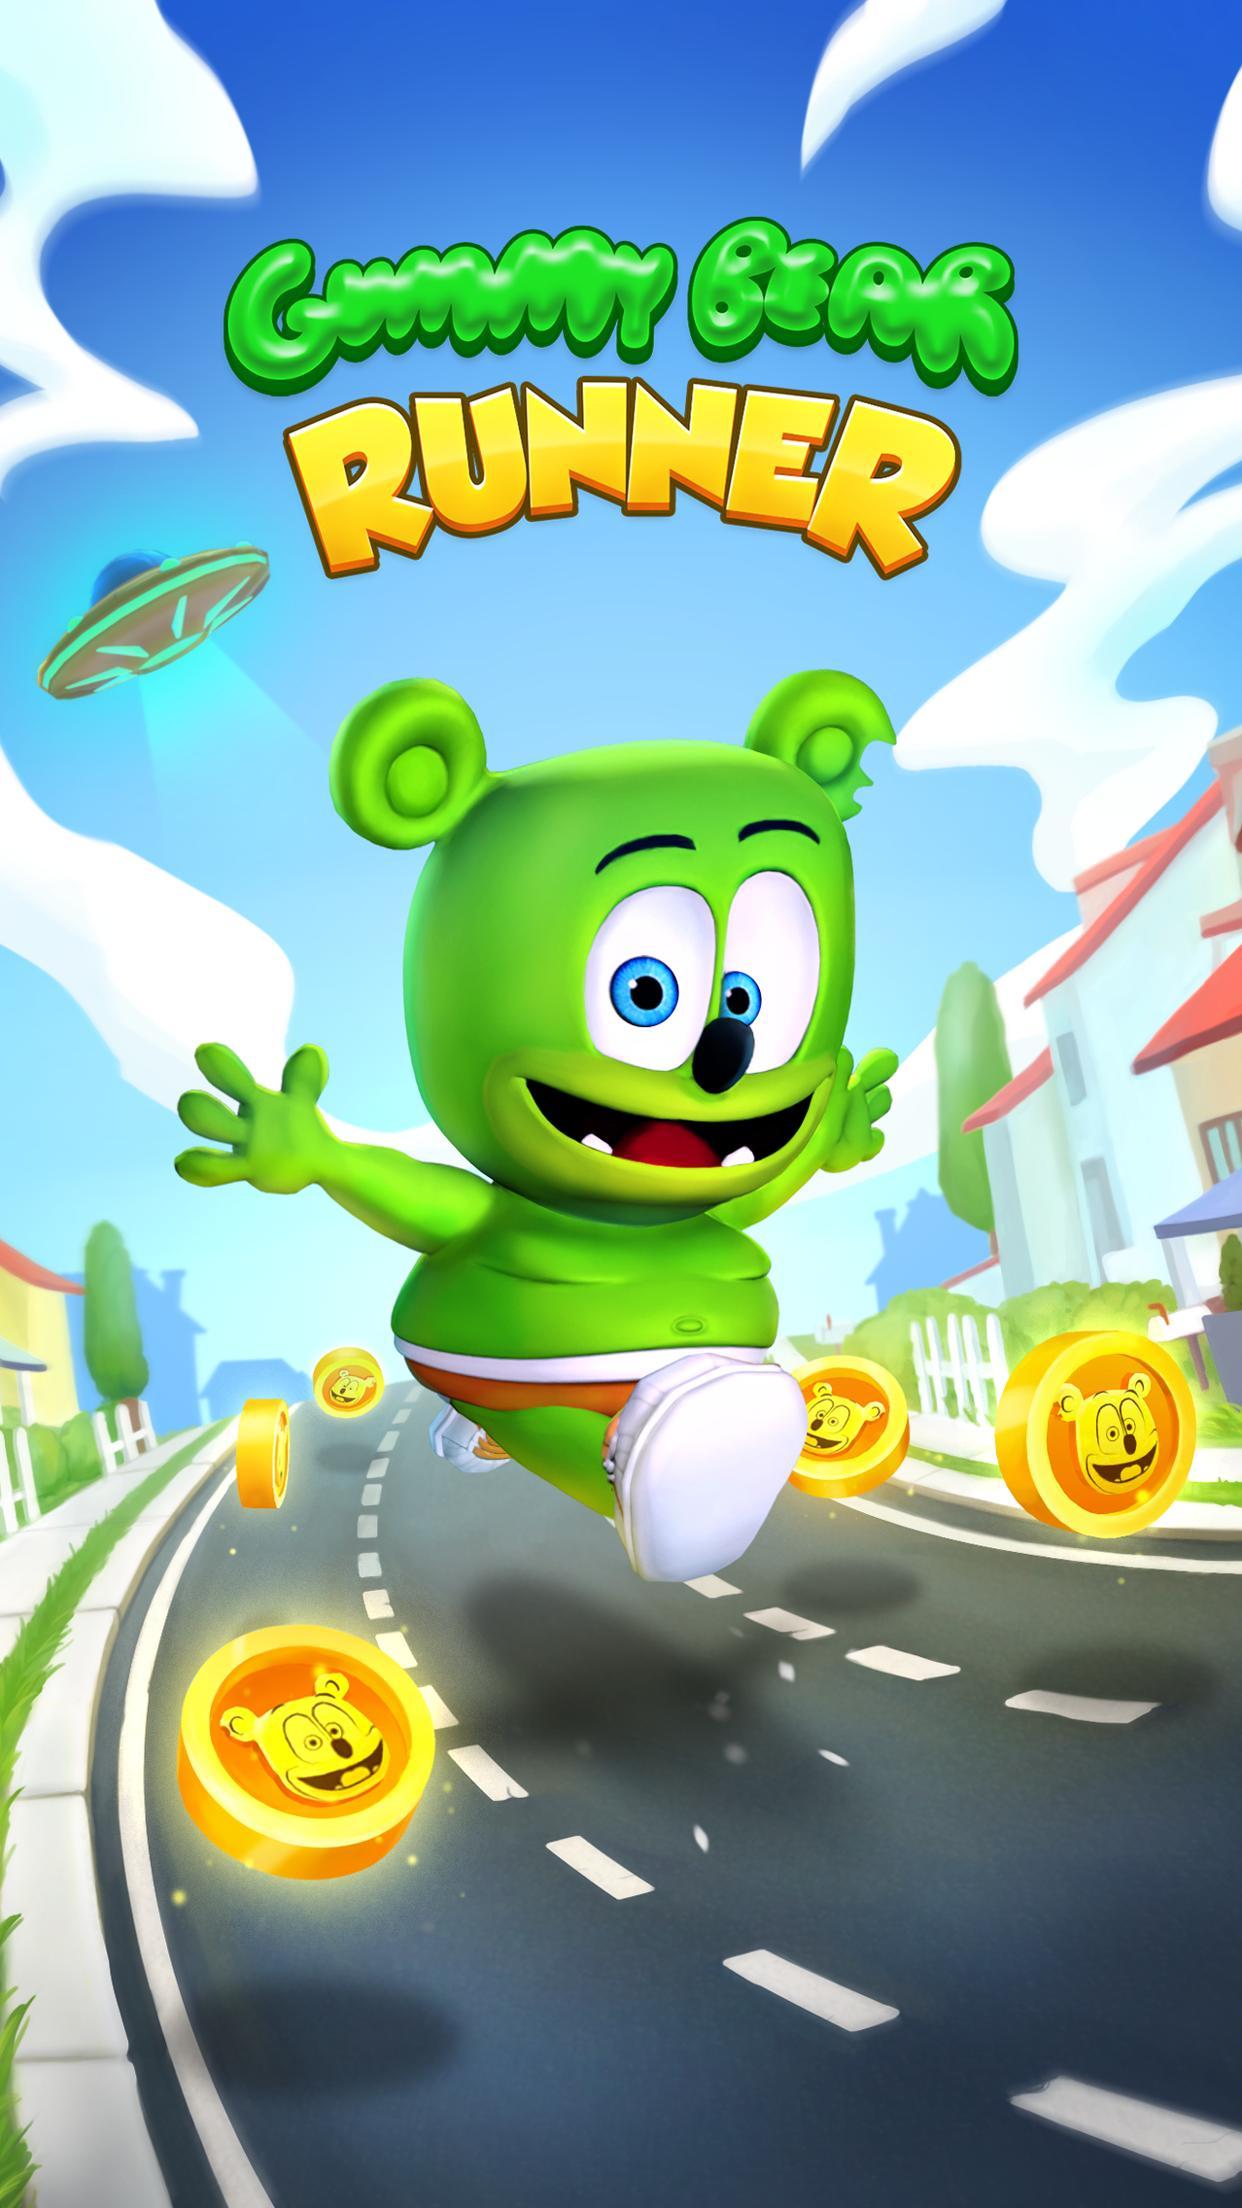 Gummy Bear Running - Endless Runner 2020 1.2.10 Screenshot 10